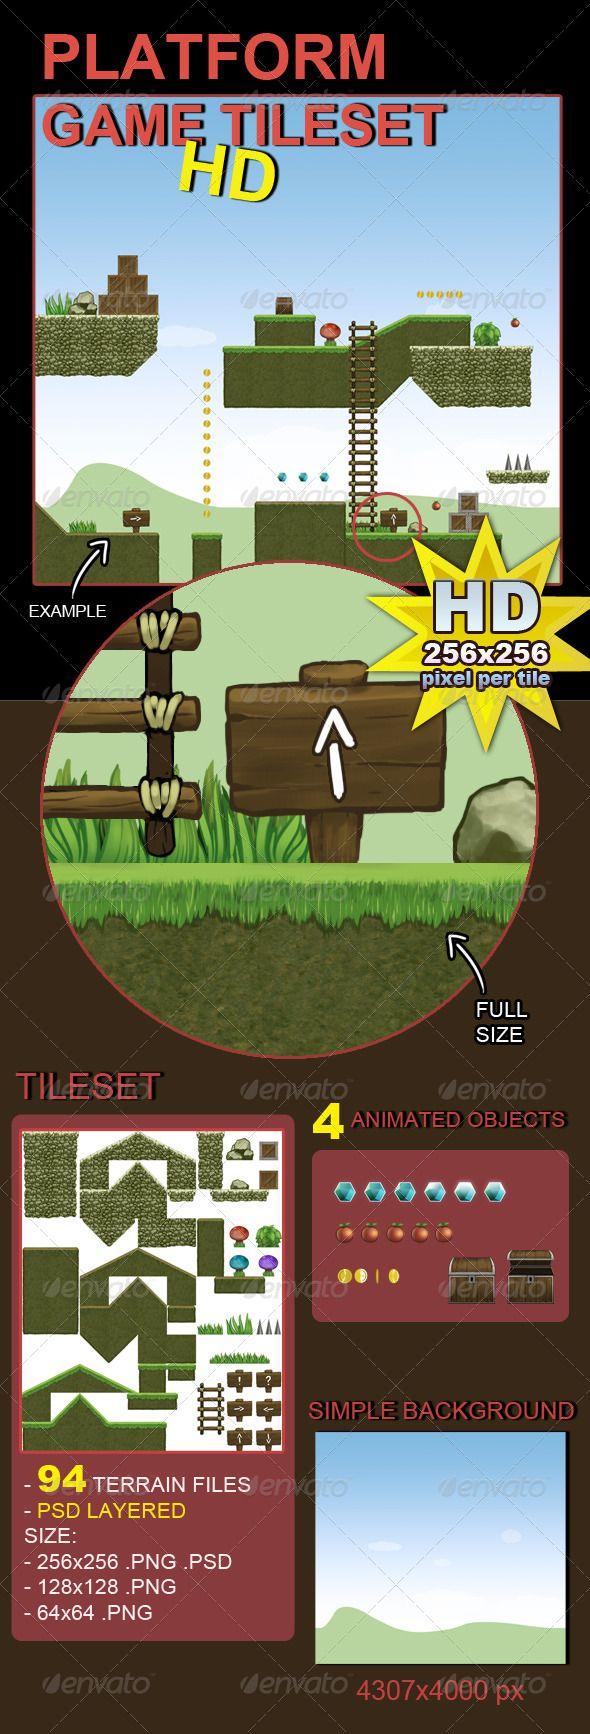 Platform tileset for side-scroller games.